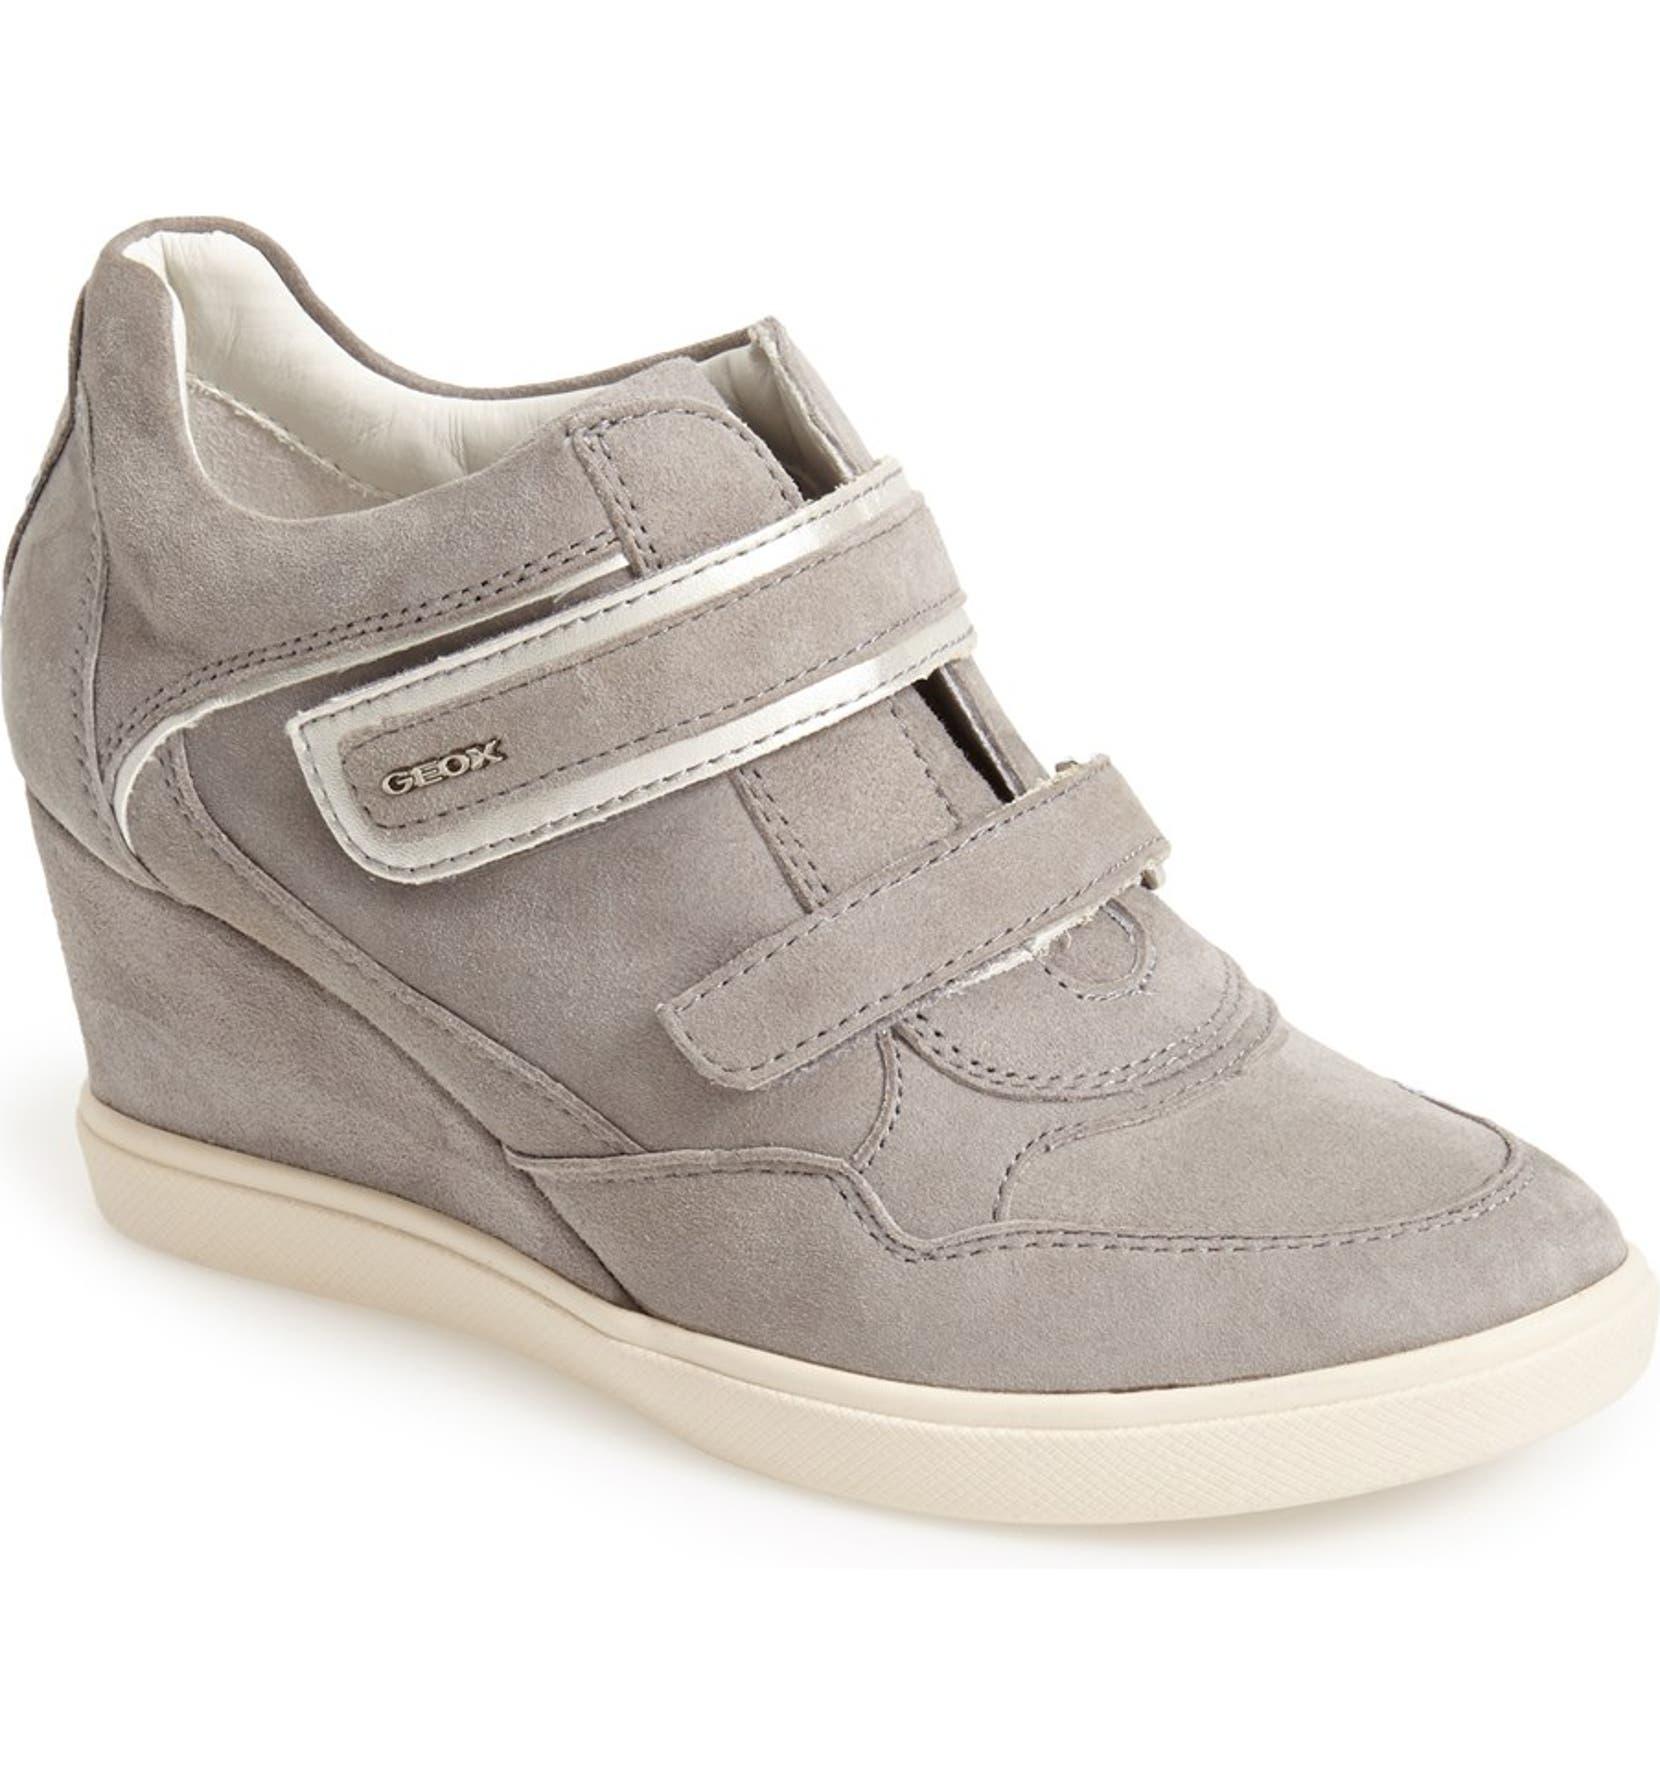 d43ce511c54 Geox  Eleni 11  Suede Wedge Sneaker (Women)